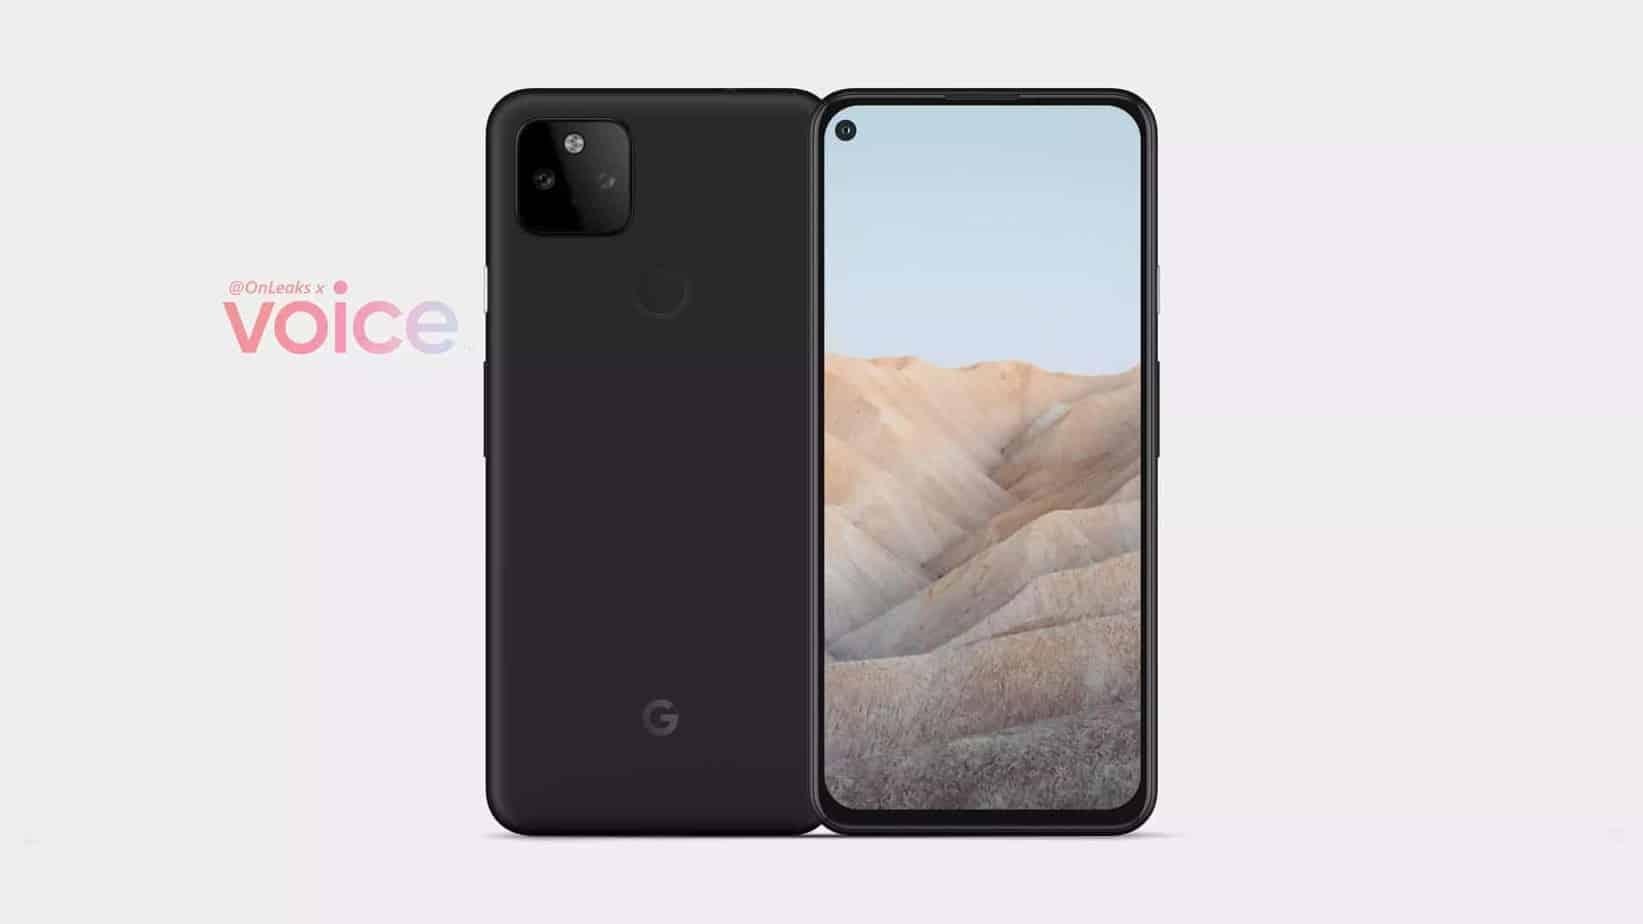 Le Google pixel 5a pourrait sortir cet été